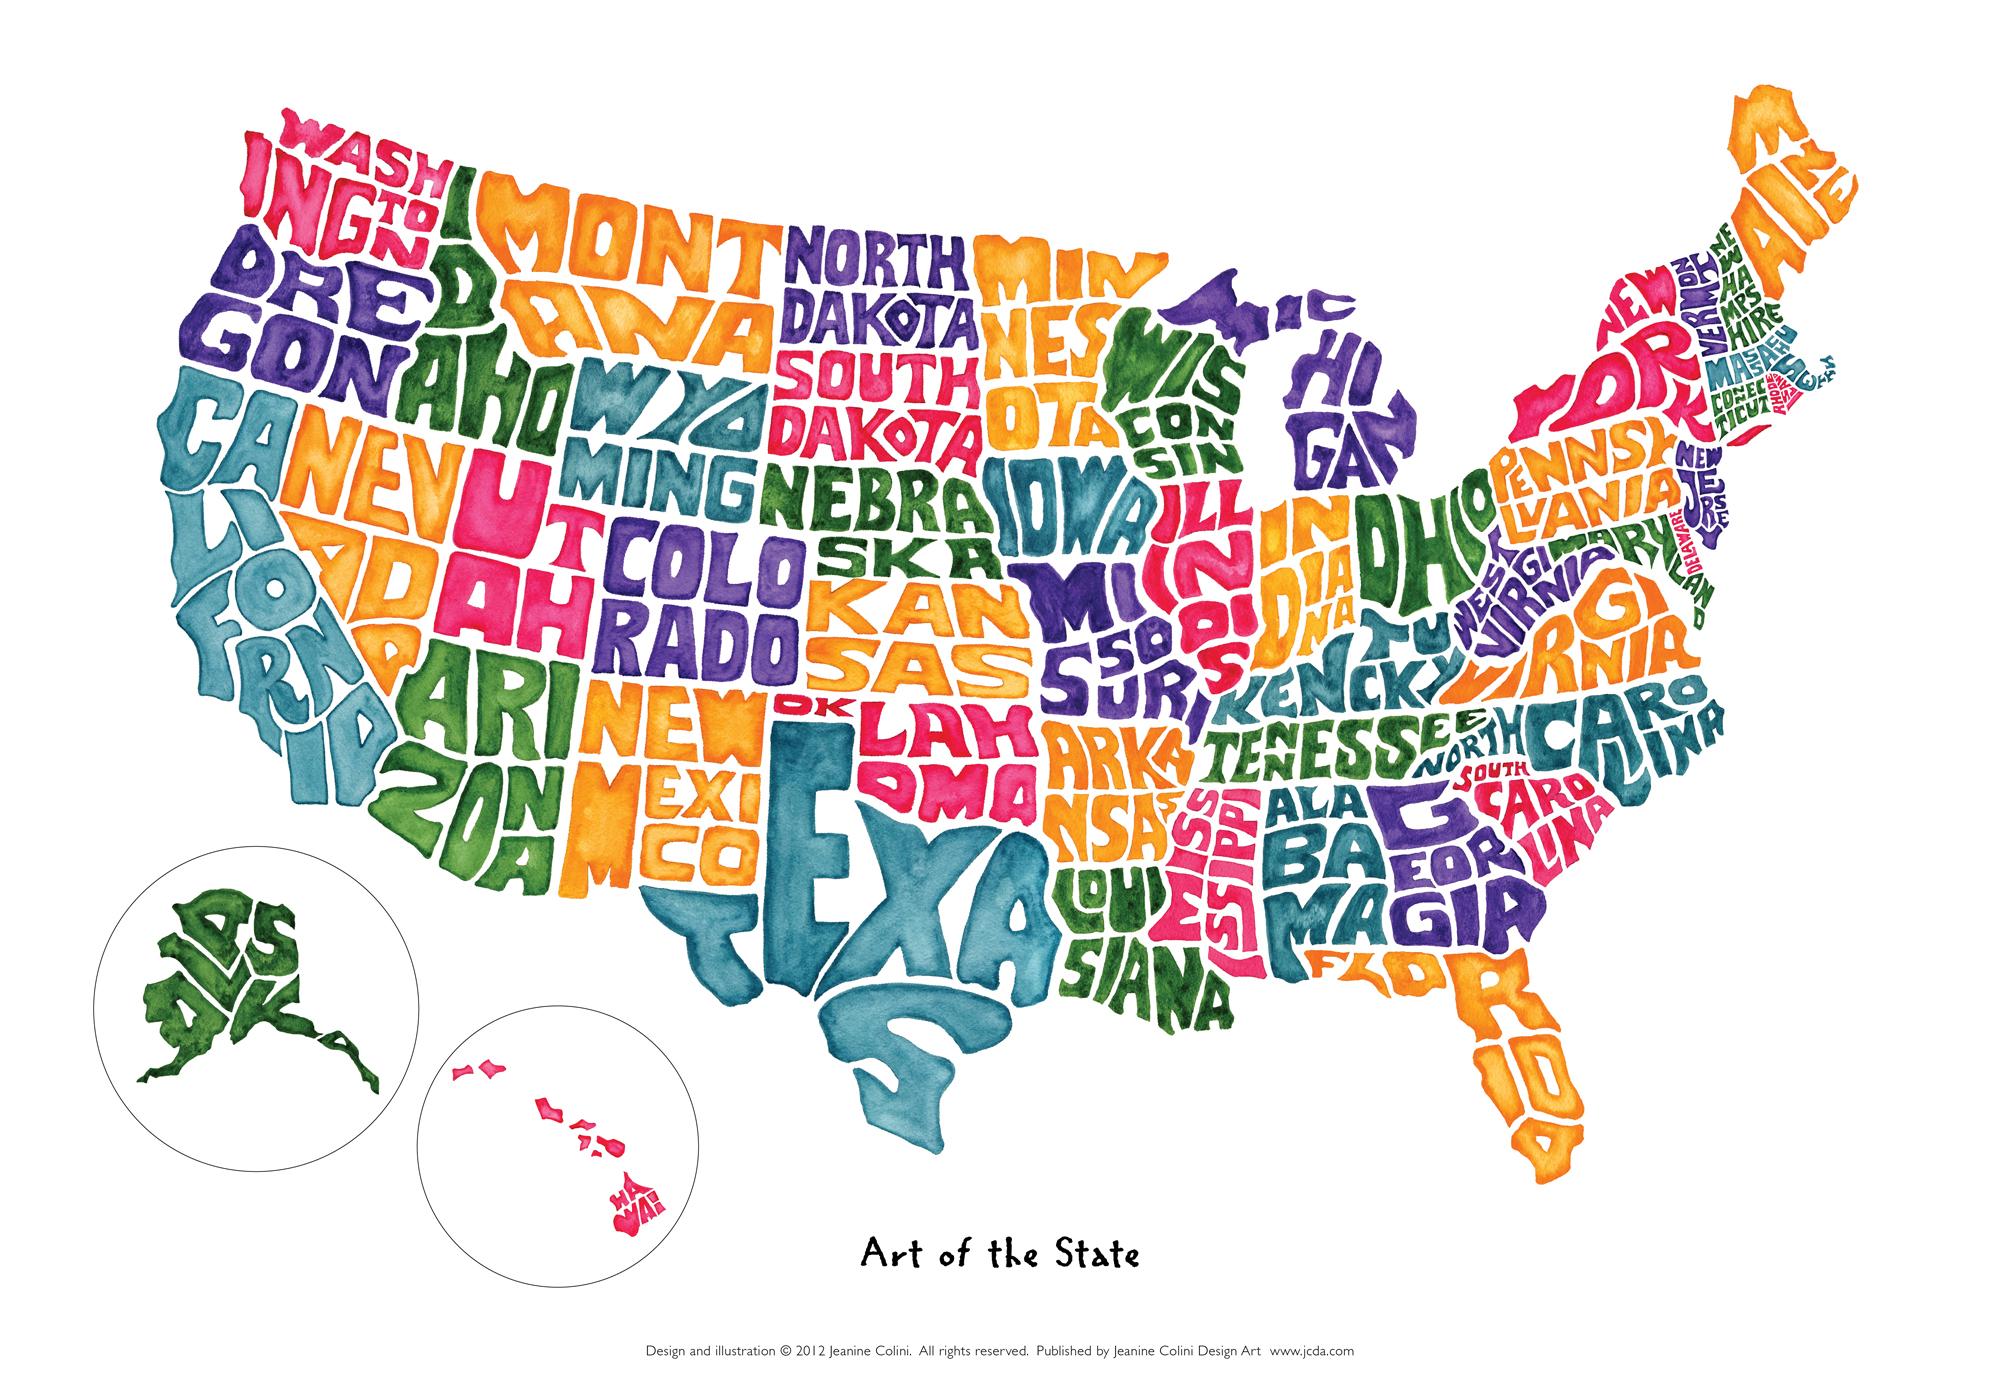 16 Datos curiosos sobre los pequeños negocios en USA business stories